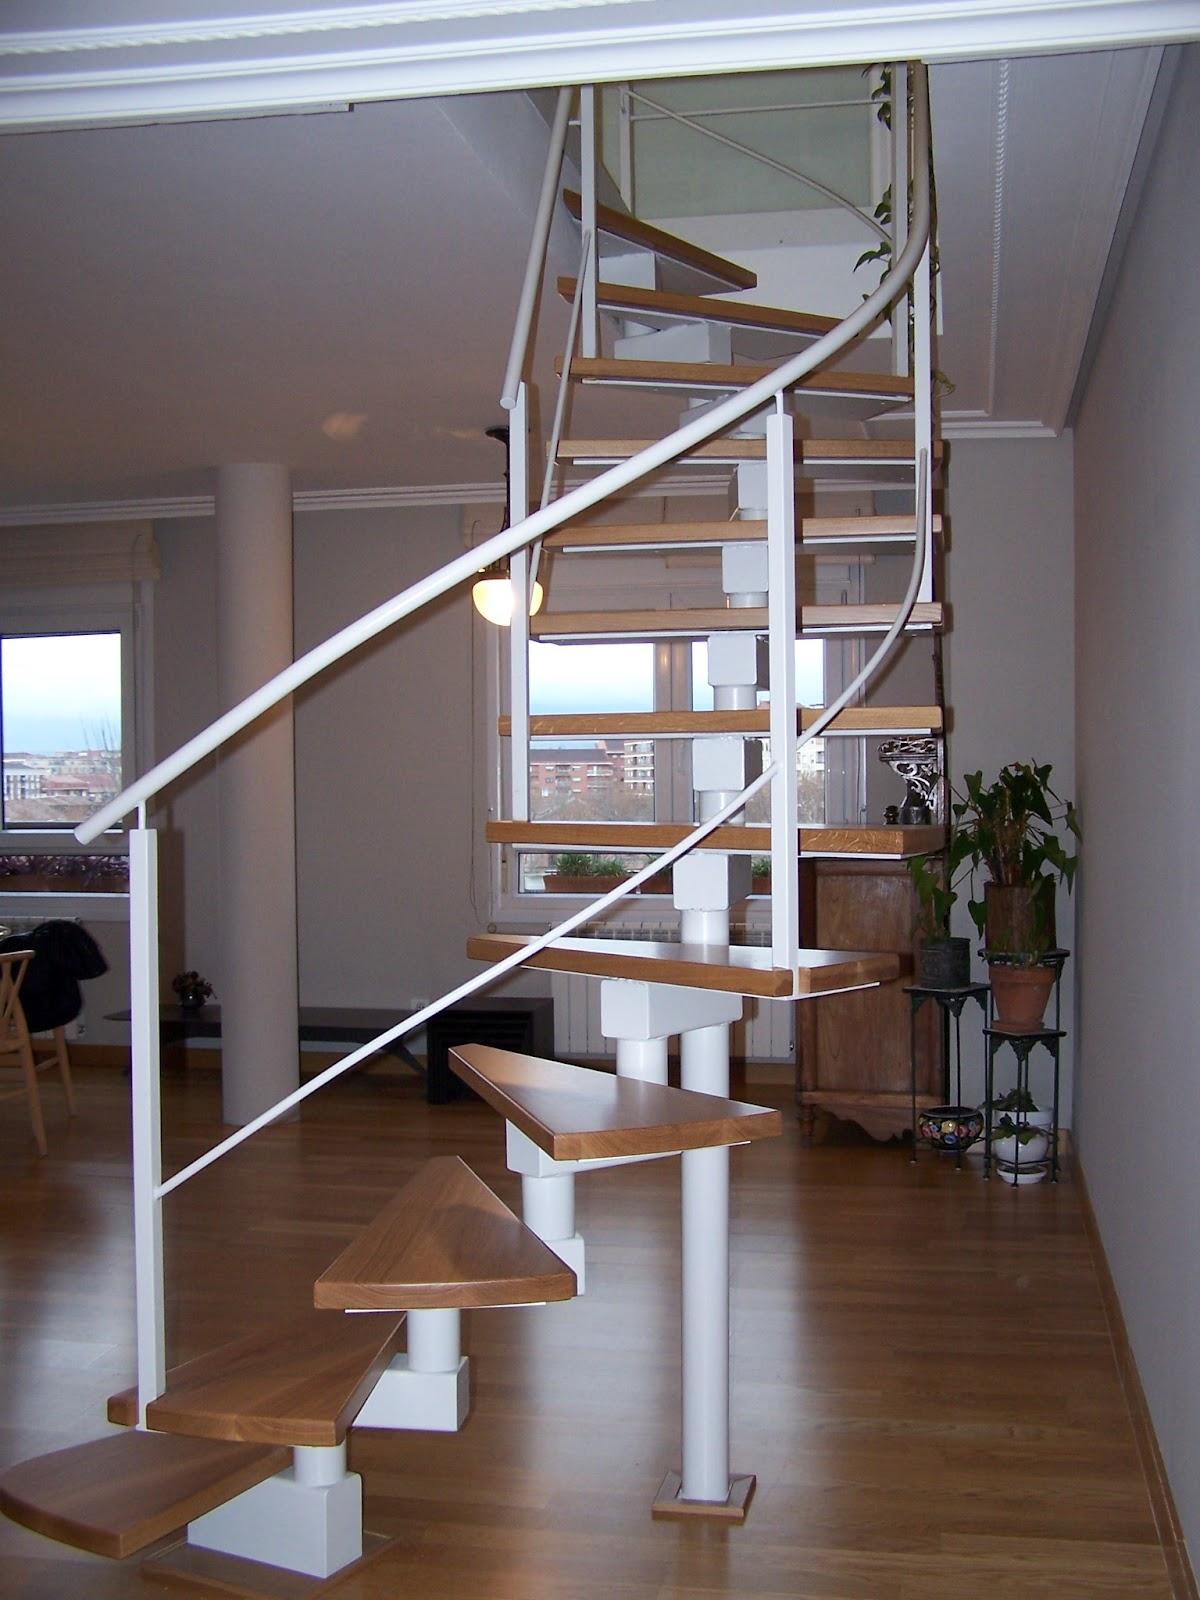 Talleres montiel escalera de caracol - Escaleras para duplex ...